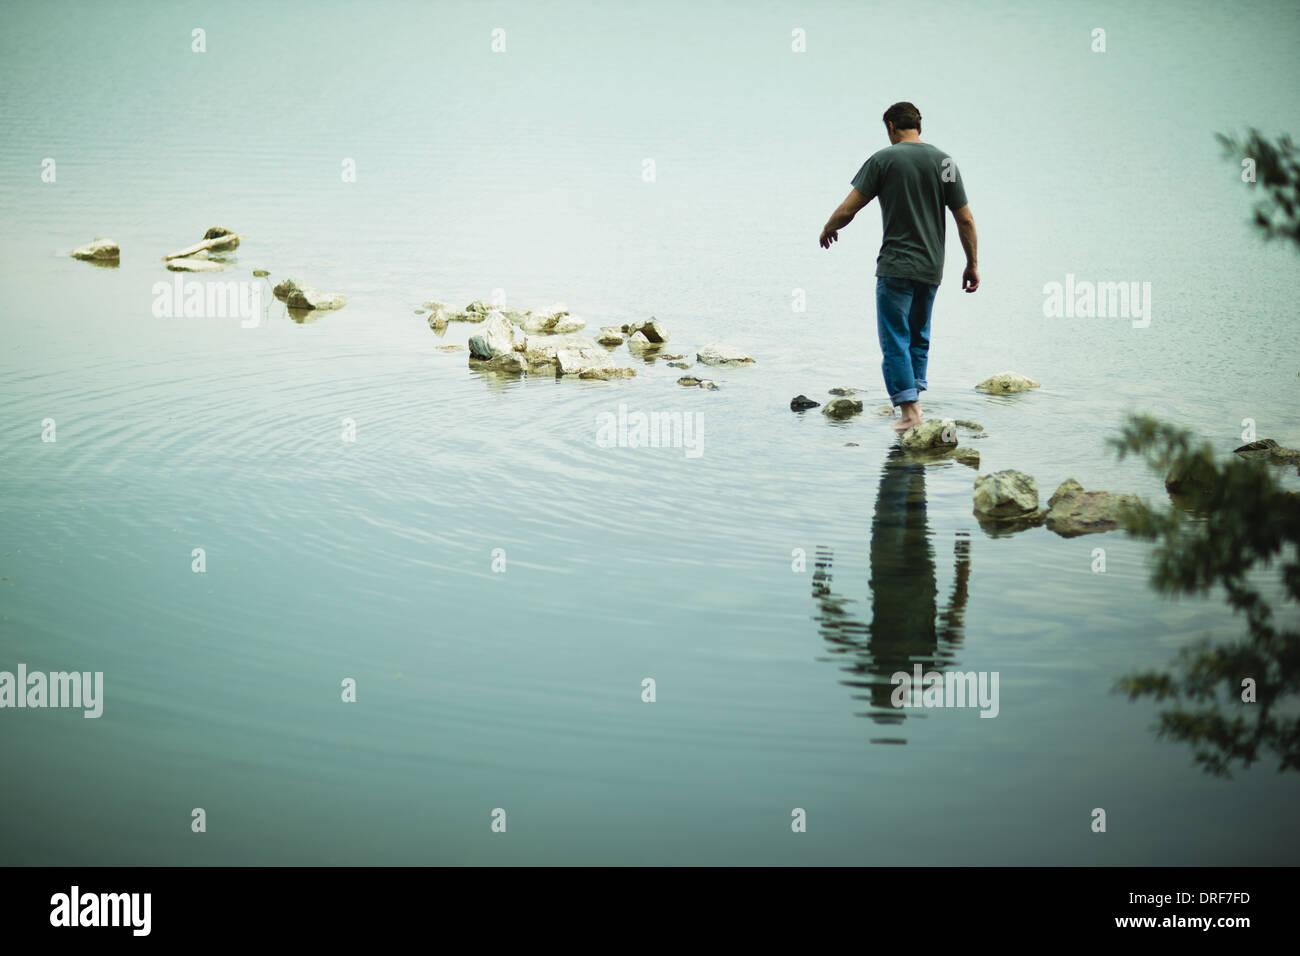 Colorado USA man walking barefoot across stepping stones lake - Stock Image